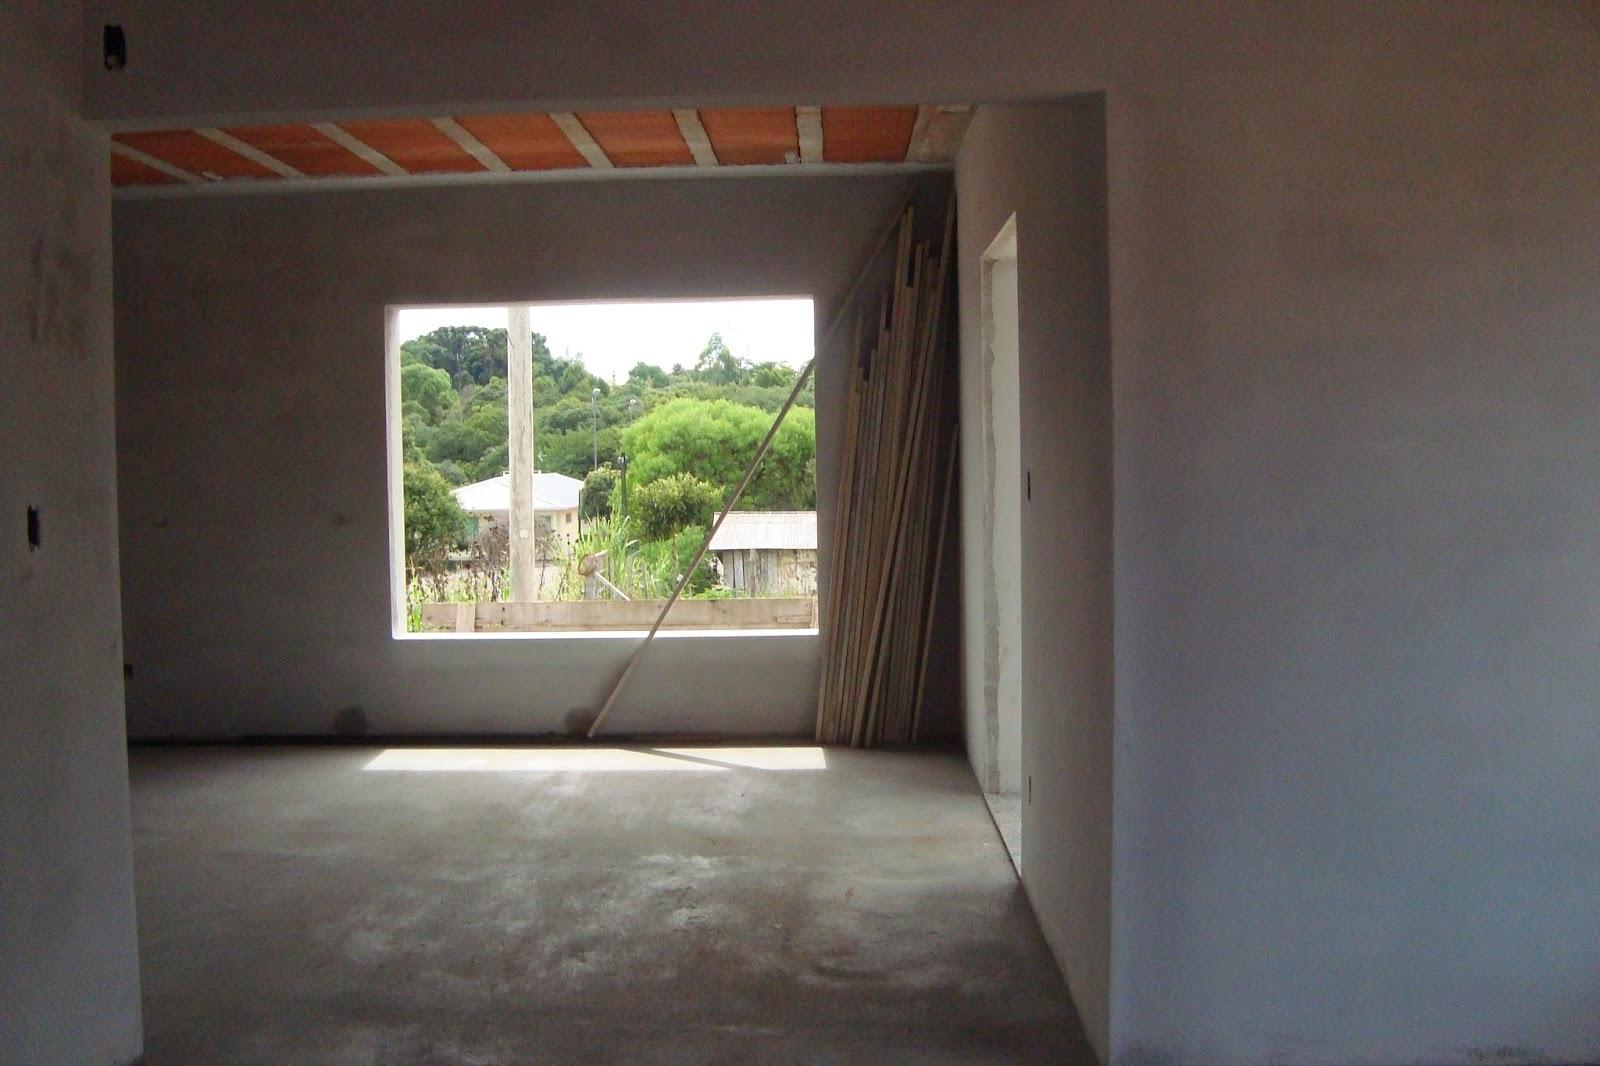 Casa da Claudia: Atualizando a Obra Reboco Parte Interna Finalizado #6F8645 1600x1066 Banheiro Com Janela Interna